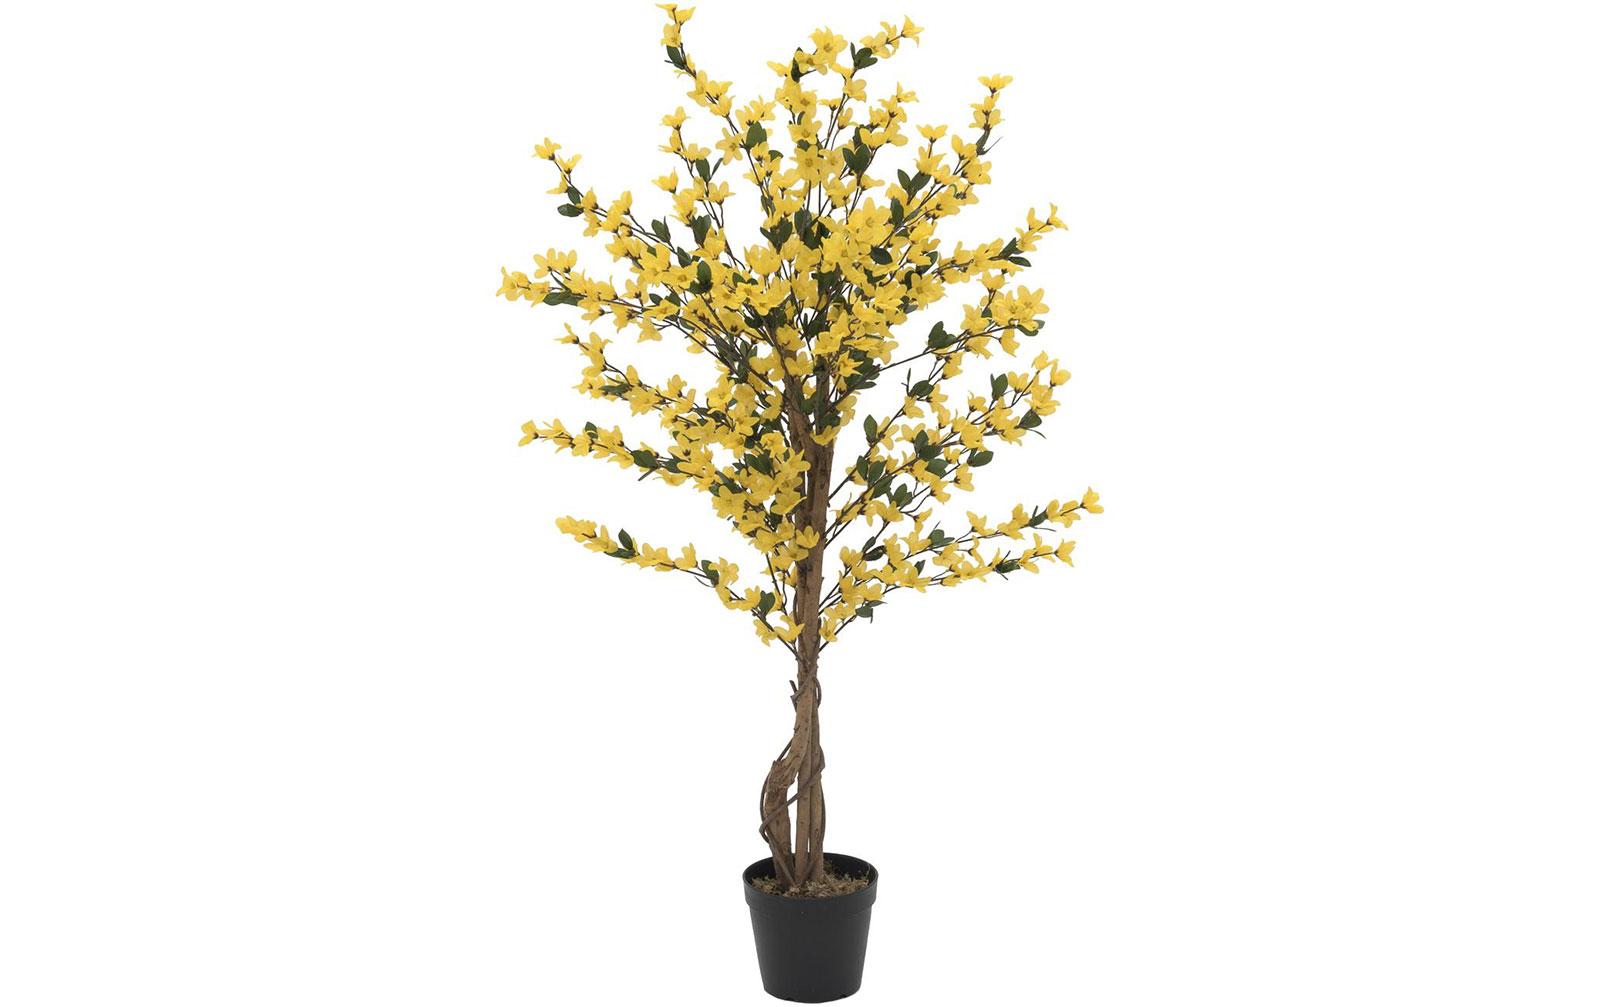 europalms-forsythienbaum-mit-4-sta-mmen-gelb-120-cm-kunststoffpflanze